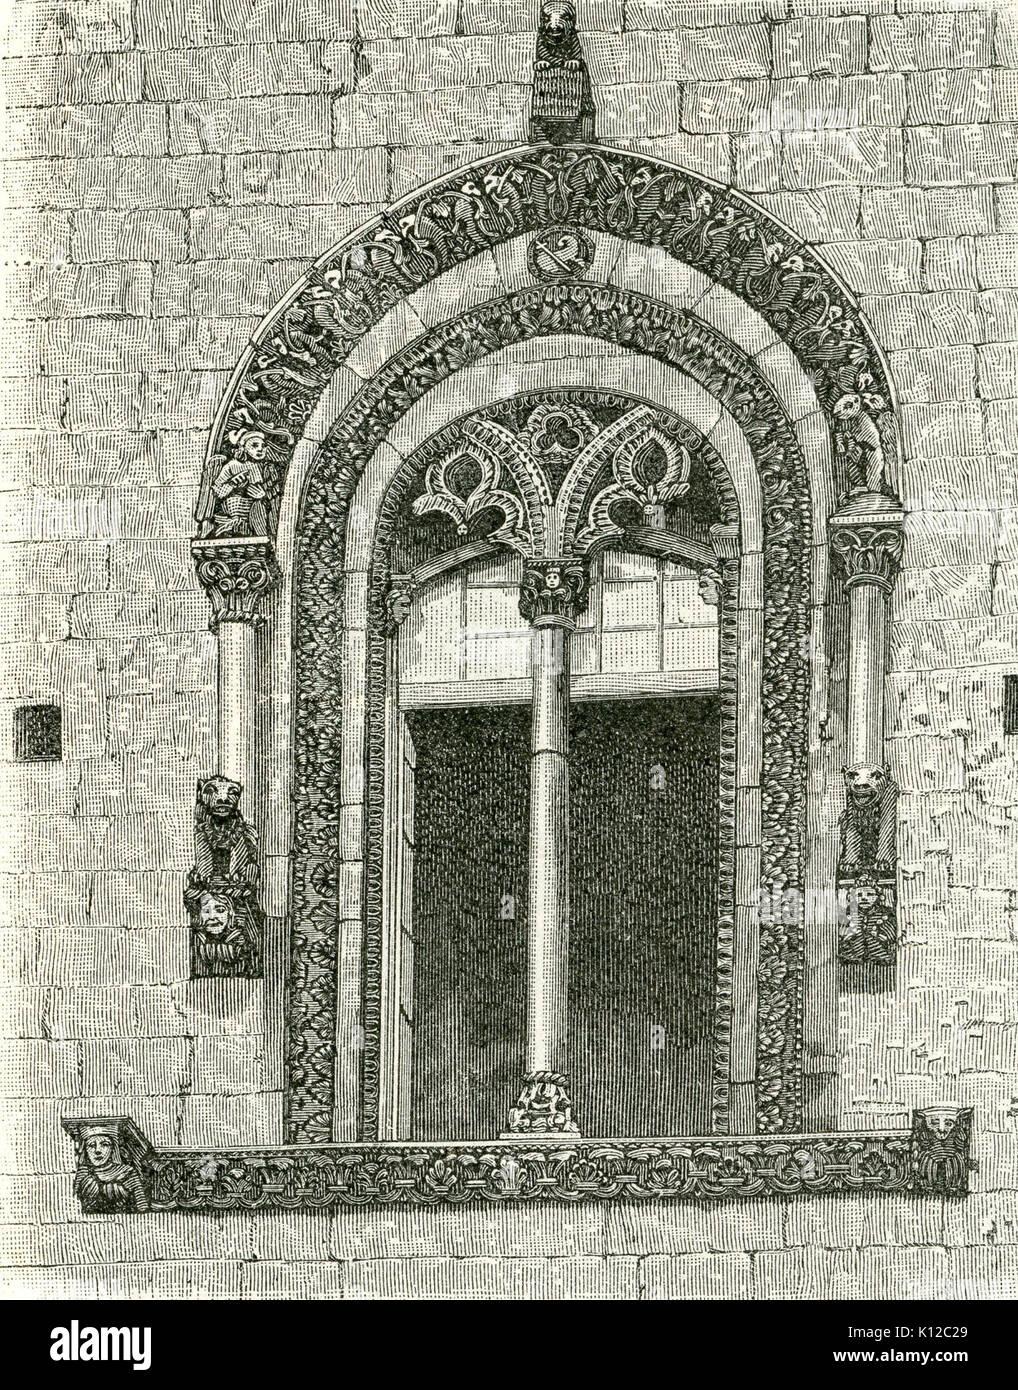 Altamura finestrone della cattedrale incisore anonimo 1898 - Stock Image